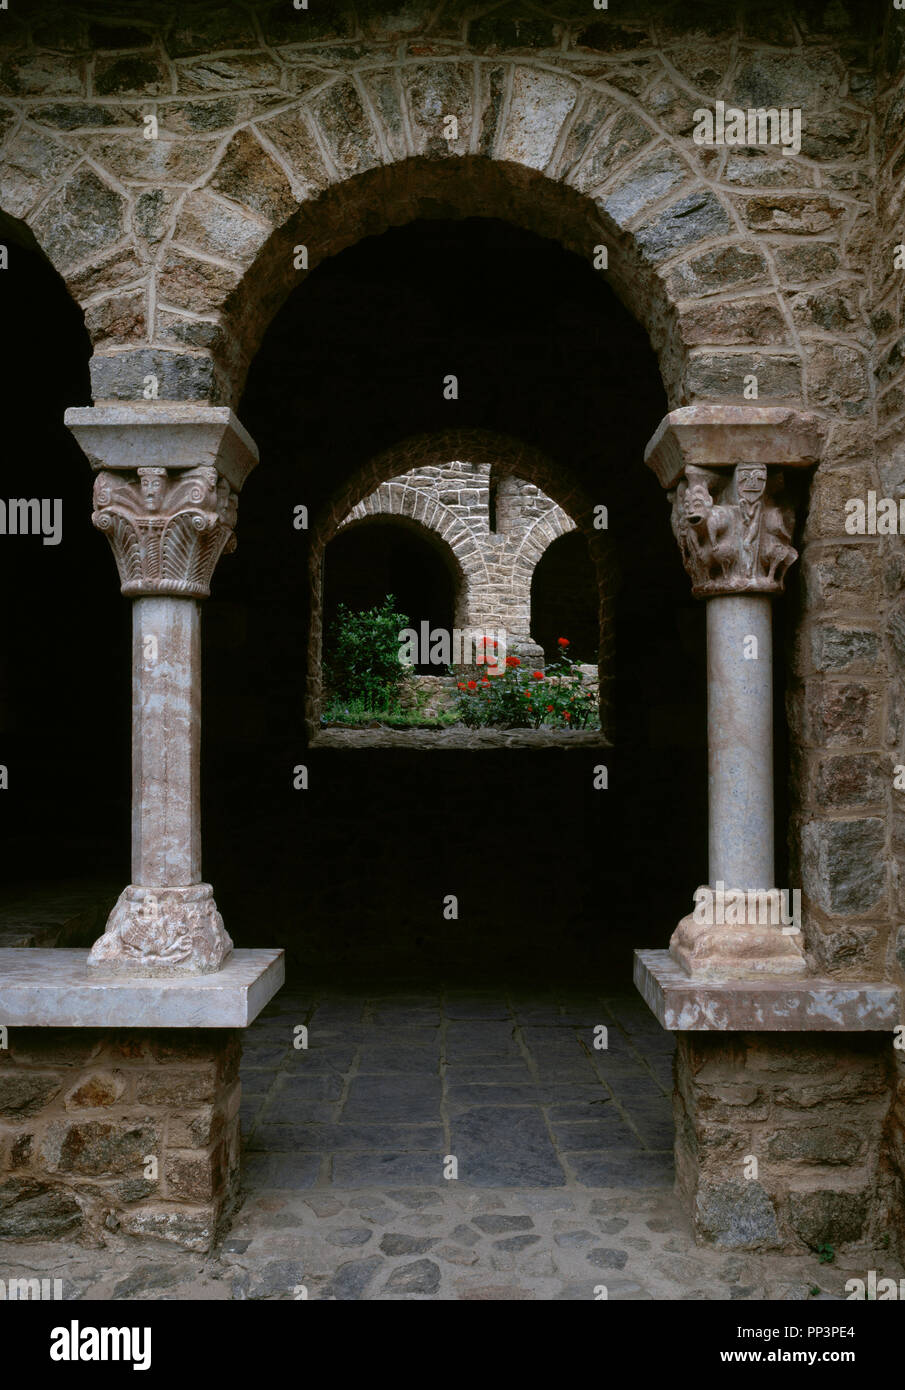 Arc En Plein Cintre : plein, cintre, Plein, Cintre, Banque, D'image, Photos, Alamy